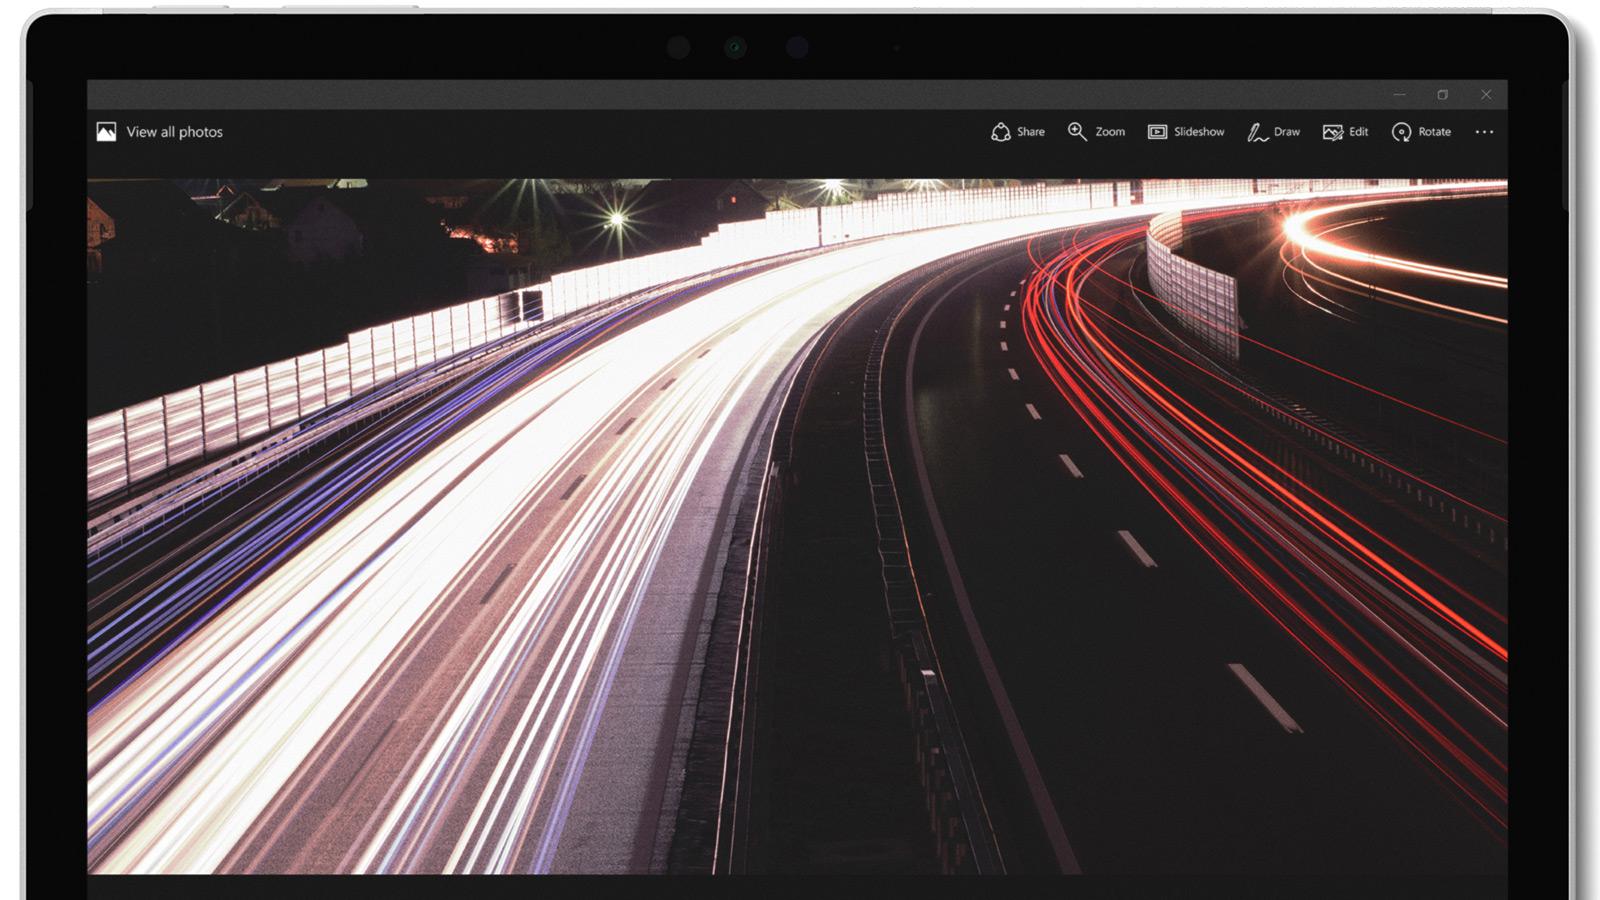 يتميز جهاز Surface Pro بشاشة PixelSense™ 12.3 بوصة بألوان متألقة ودقة حادة